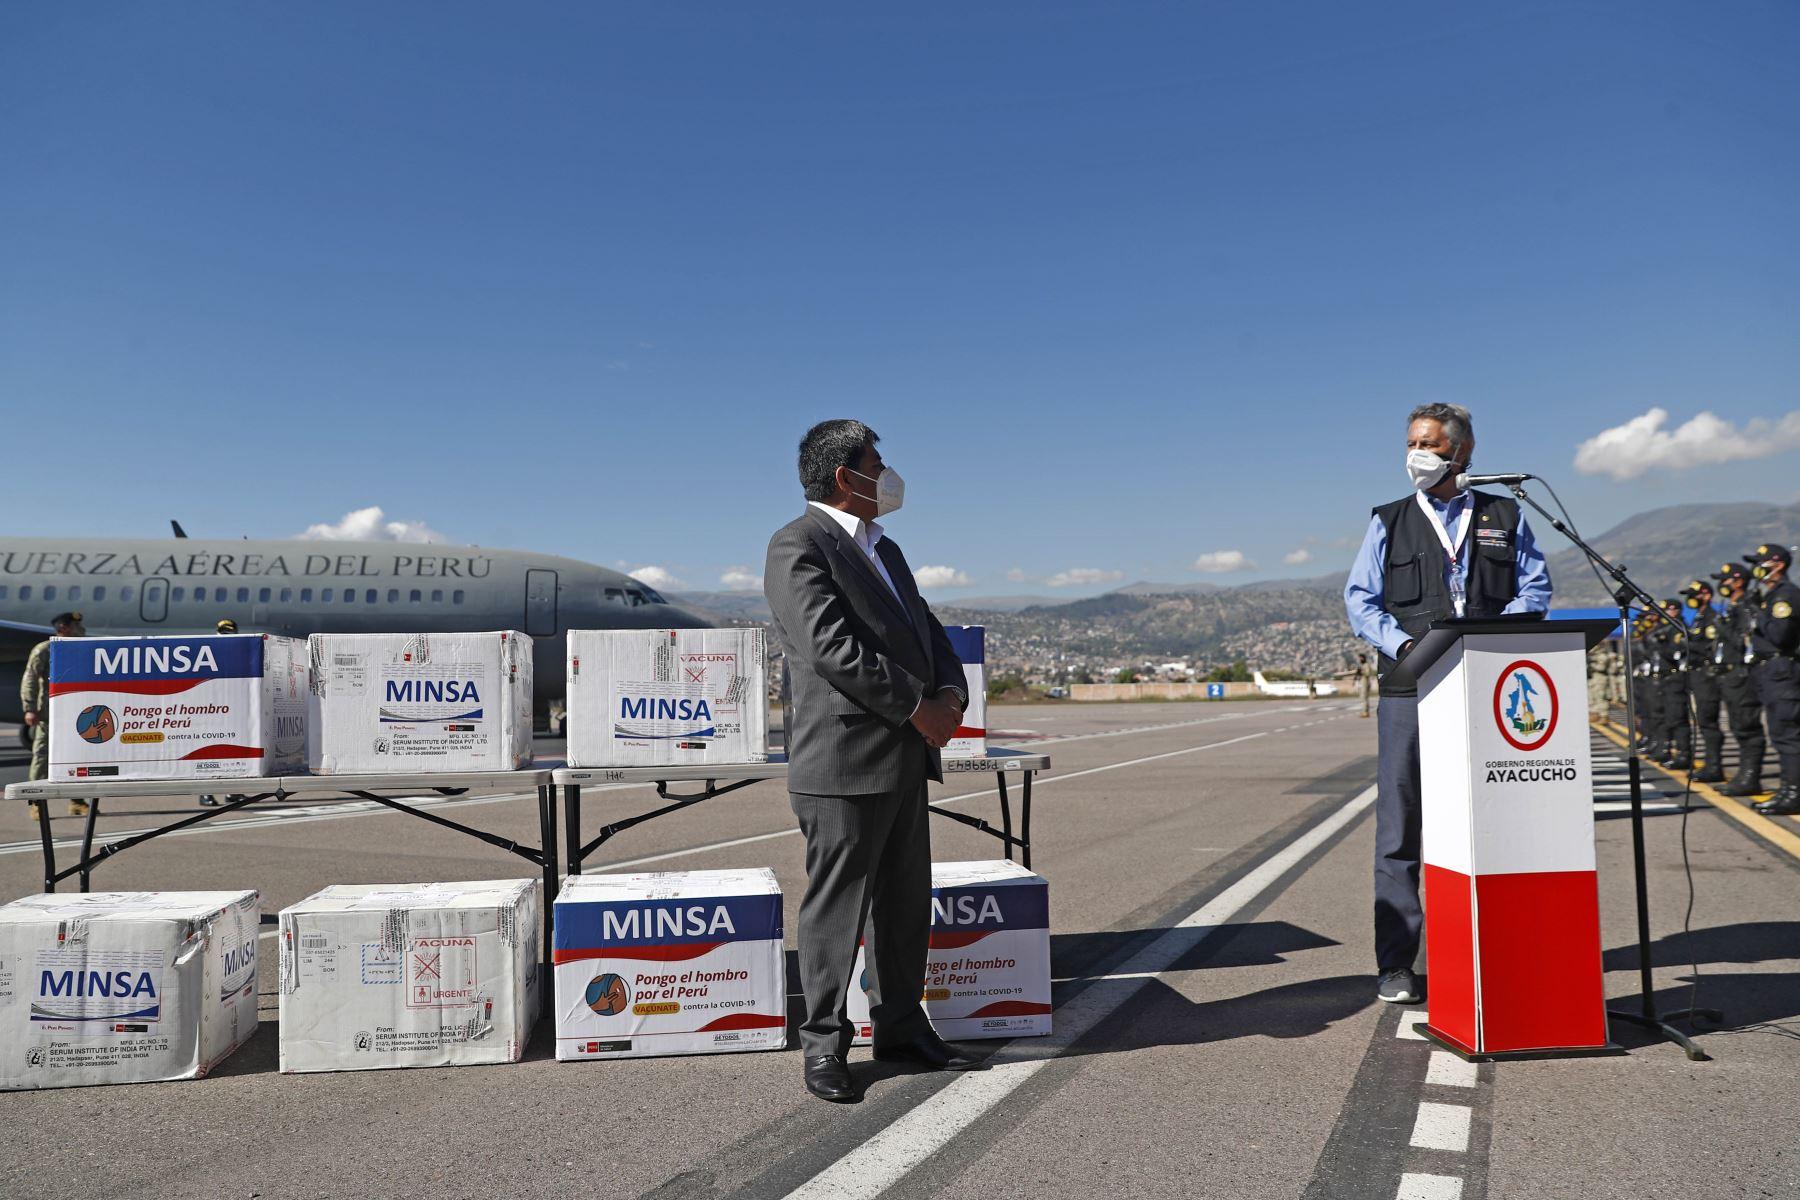 El presidente Francisco Sagasti llegó esta mañana a la región Ayacucho, a fin de entregar 44,350 vacunas contra la covid-19 para inmunizar a los adultos mayores de esta jurisdicción. Foto: Presidencia